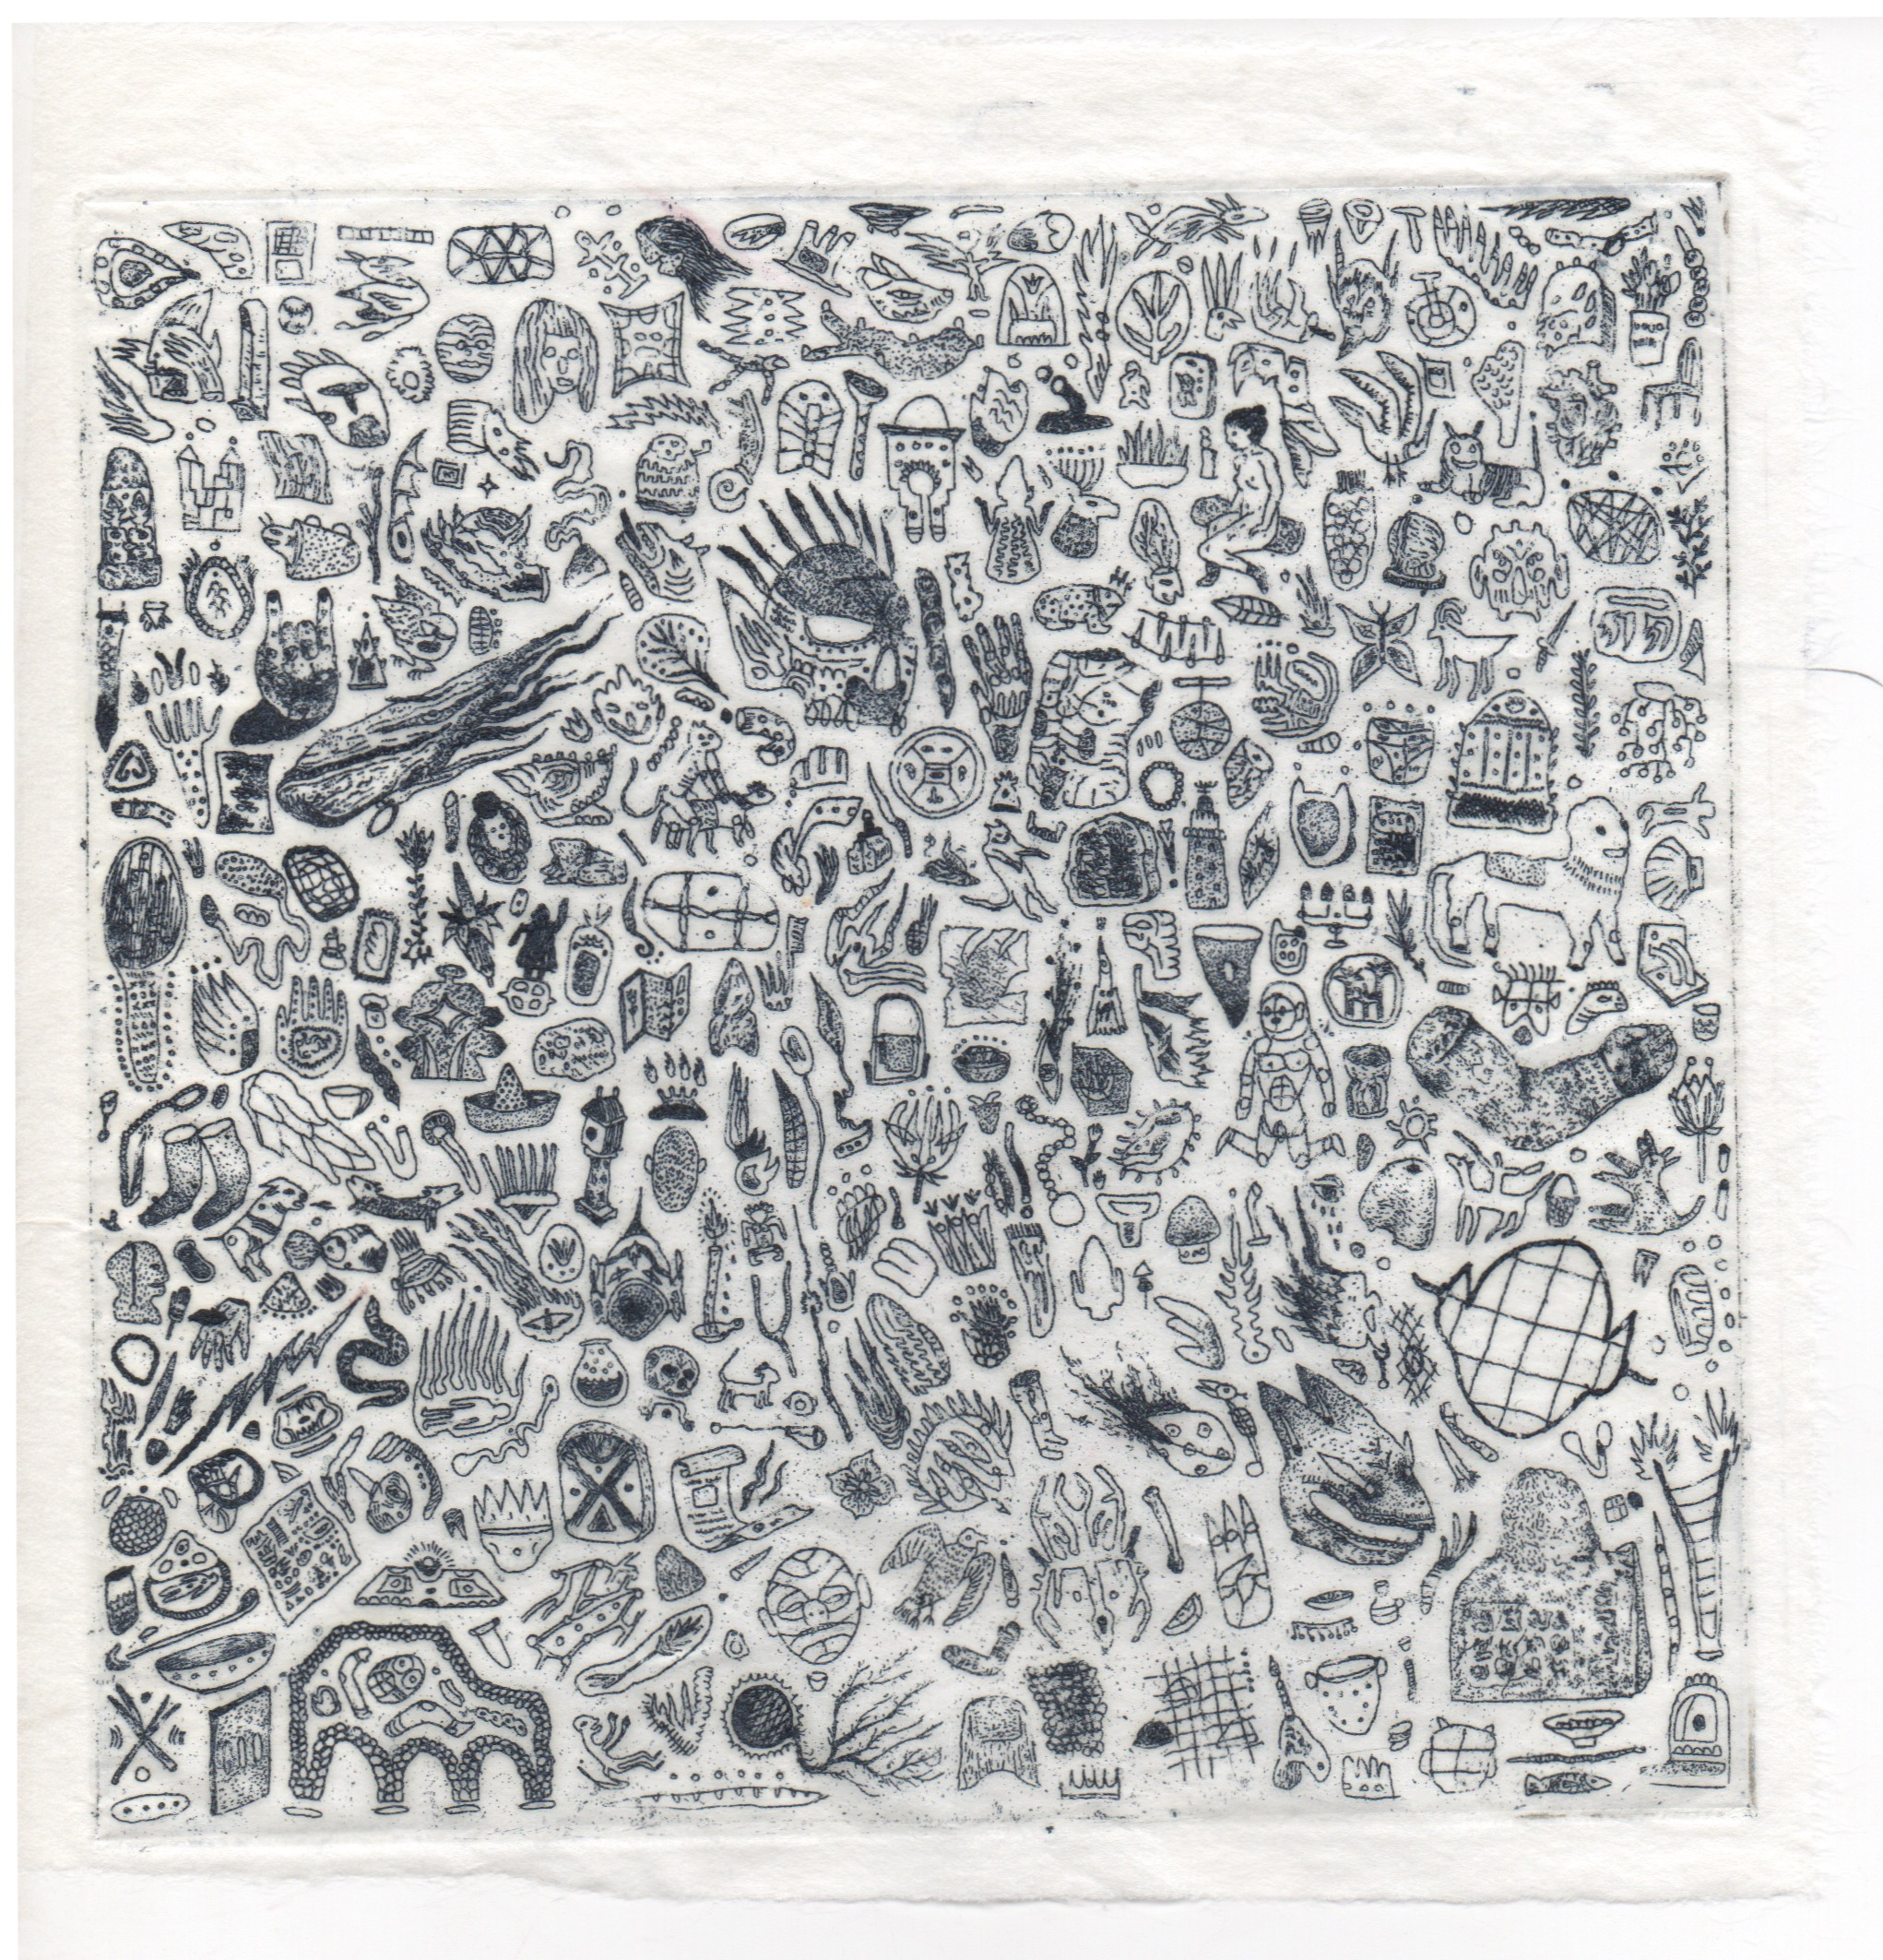 Matias Armendaris, 'Leyenda Original', Etching, etching on kozo paper, 6 x 6 in, (Unique piece), 2017